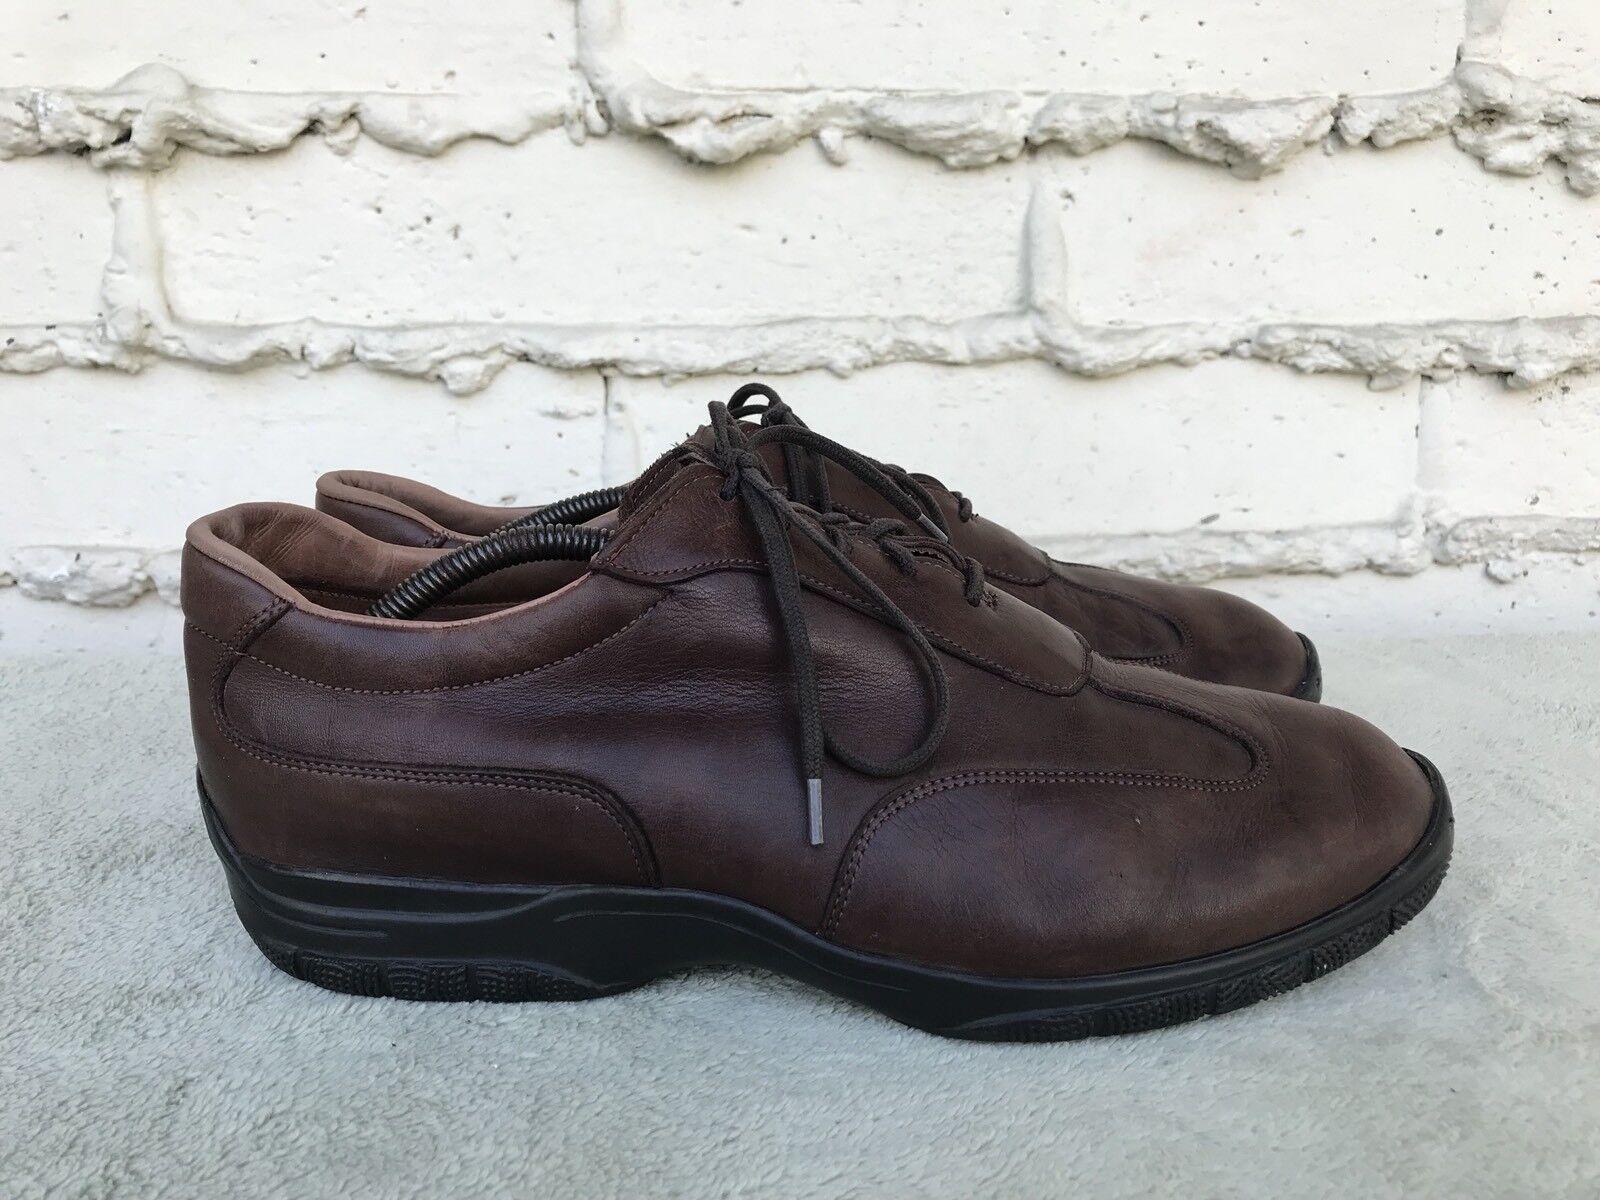 EUC ALLEN EDMONDS Day Tripper Men's shoes Sz US 11D Brown Leather Lace Up Oxford